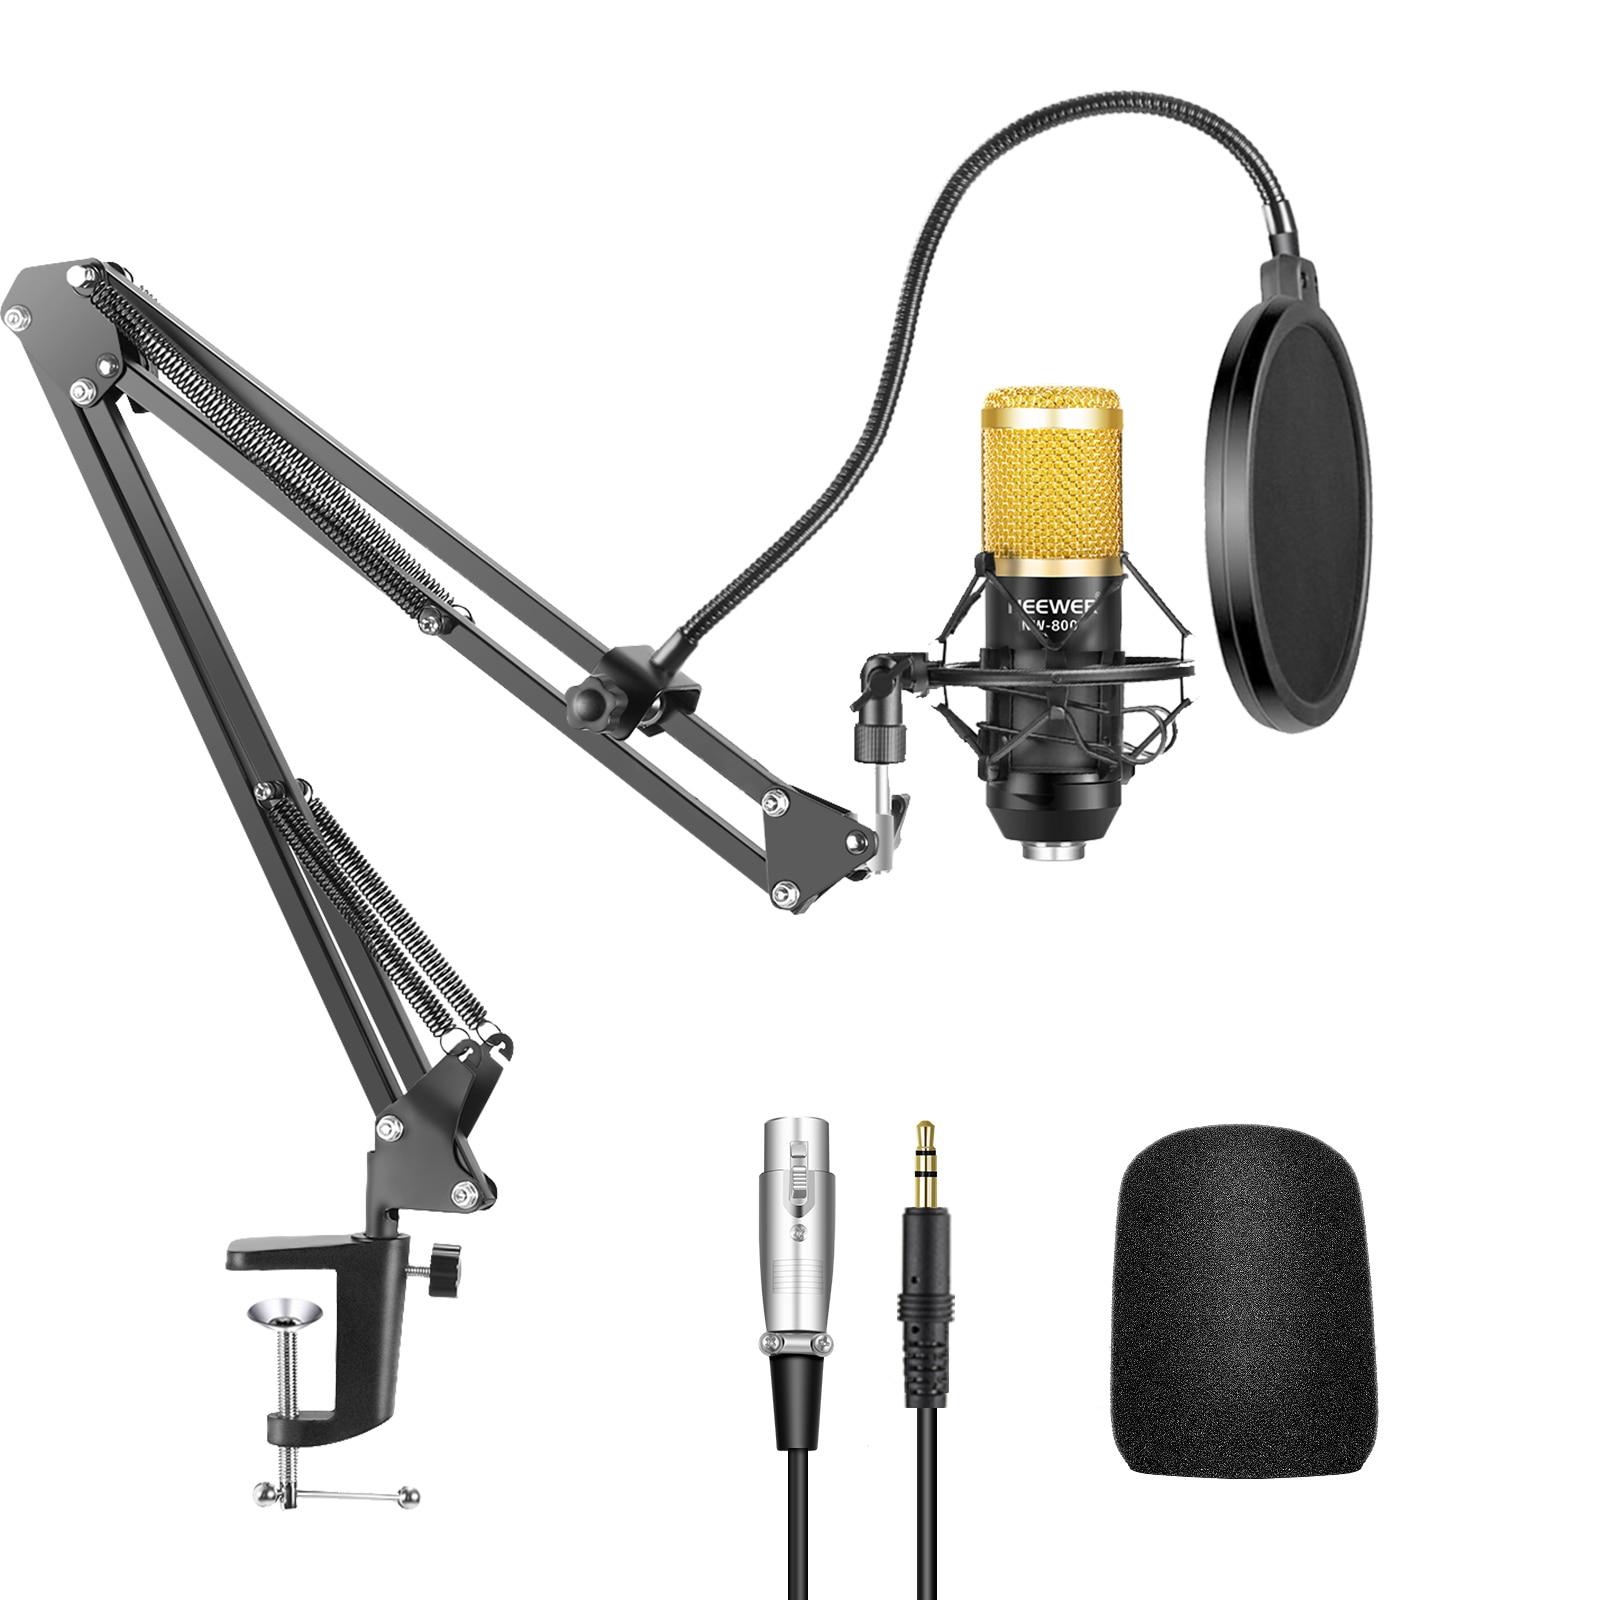 Neewer NW-800 Профессиональный Студийный конденсаторный микрофон и NW-35 Регулируемая записывающая микрофонная подвеска с креплением на удар